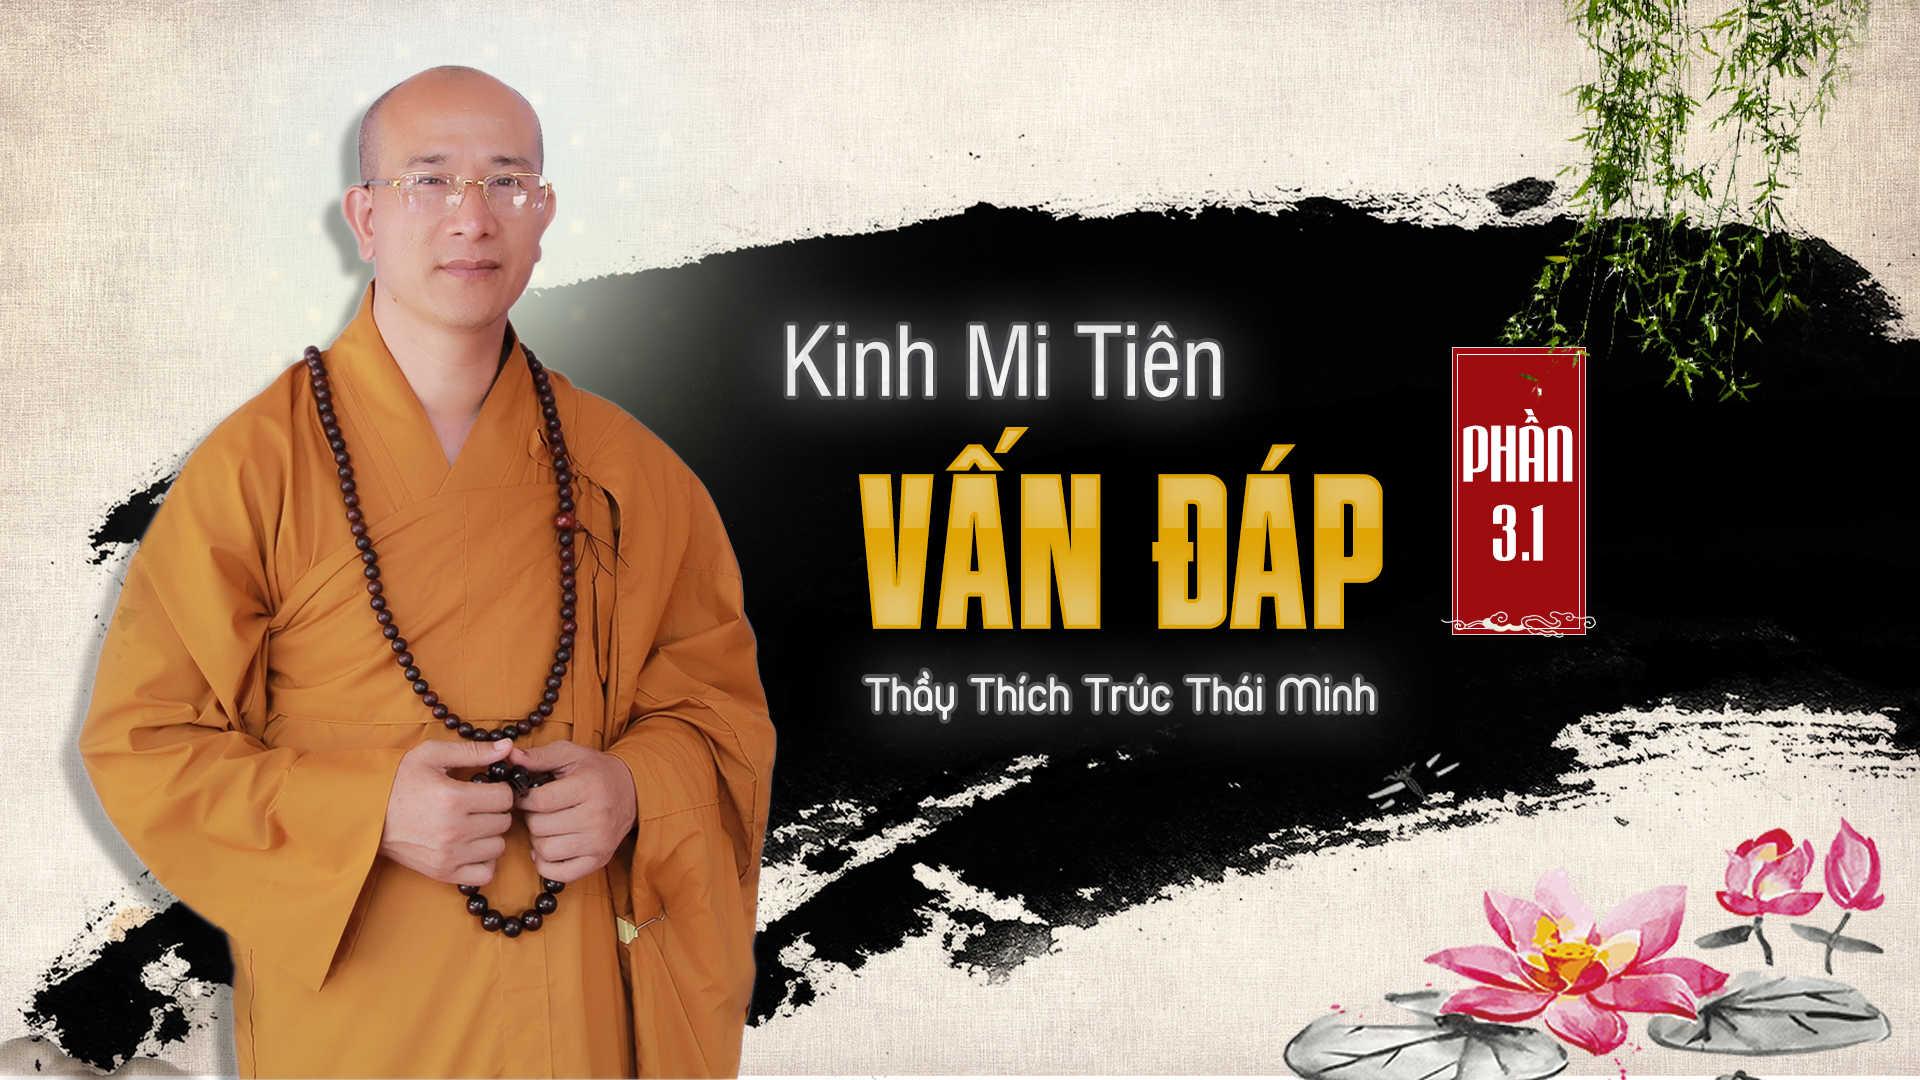 Kinh Mi Tiên vấn đáp phần 31. Thầy Thích Trúc Thái Minh chùa Ba Vàng.